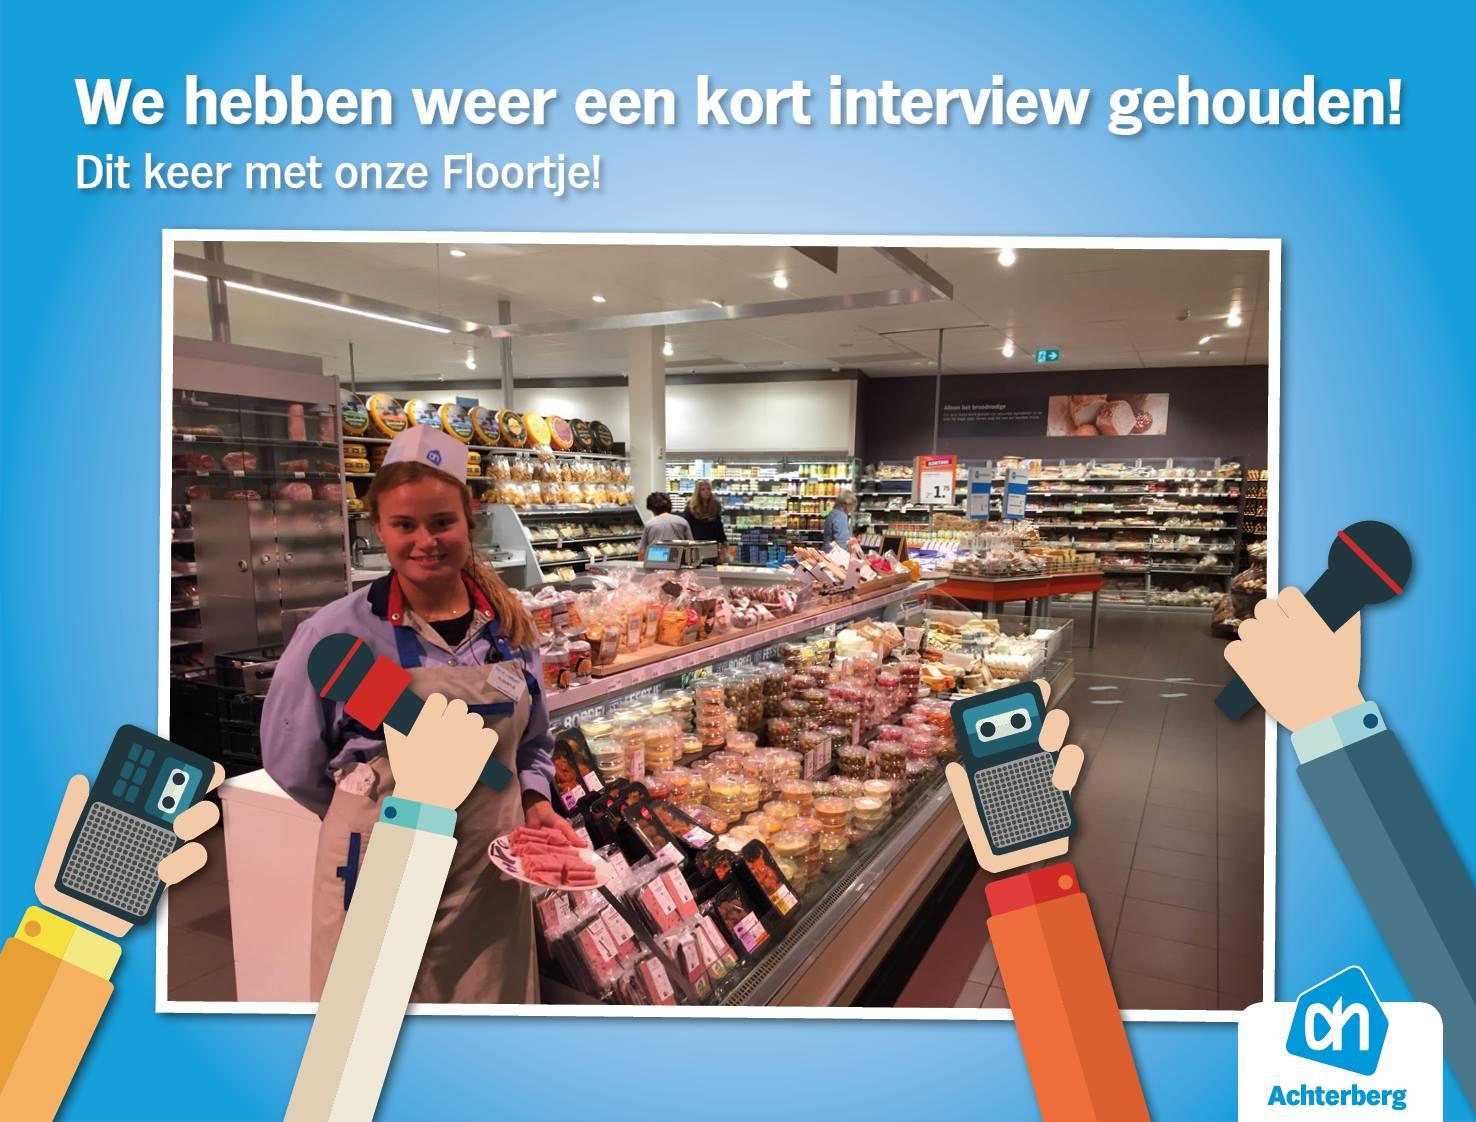 Kennis maken met medewerker Floortje!